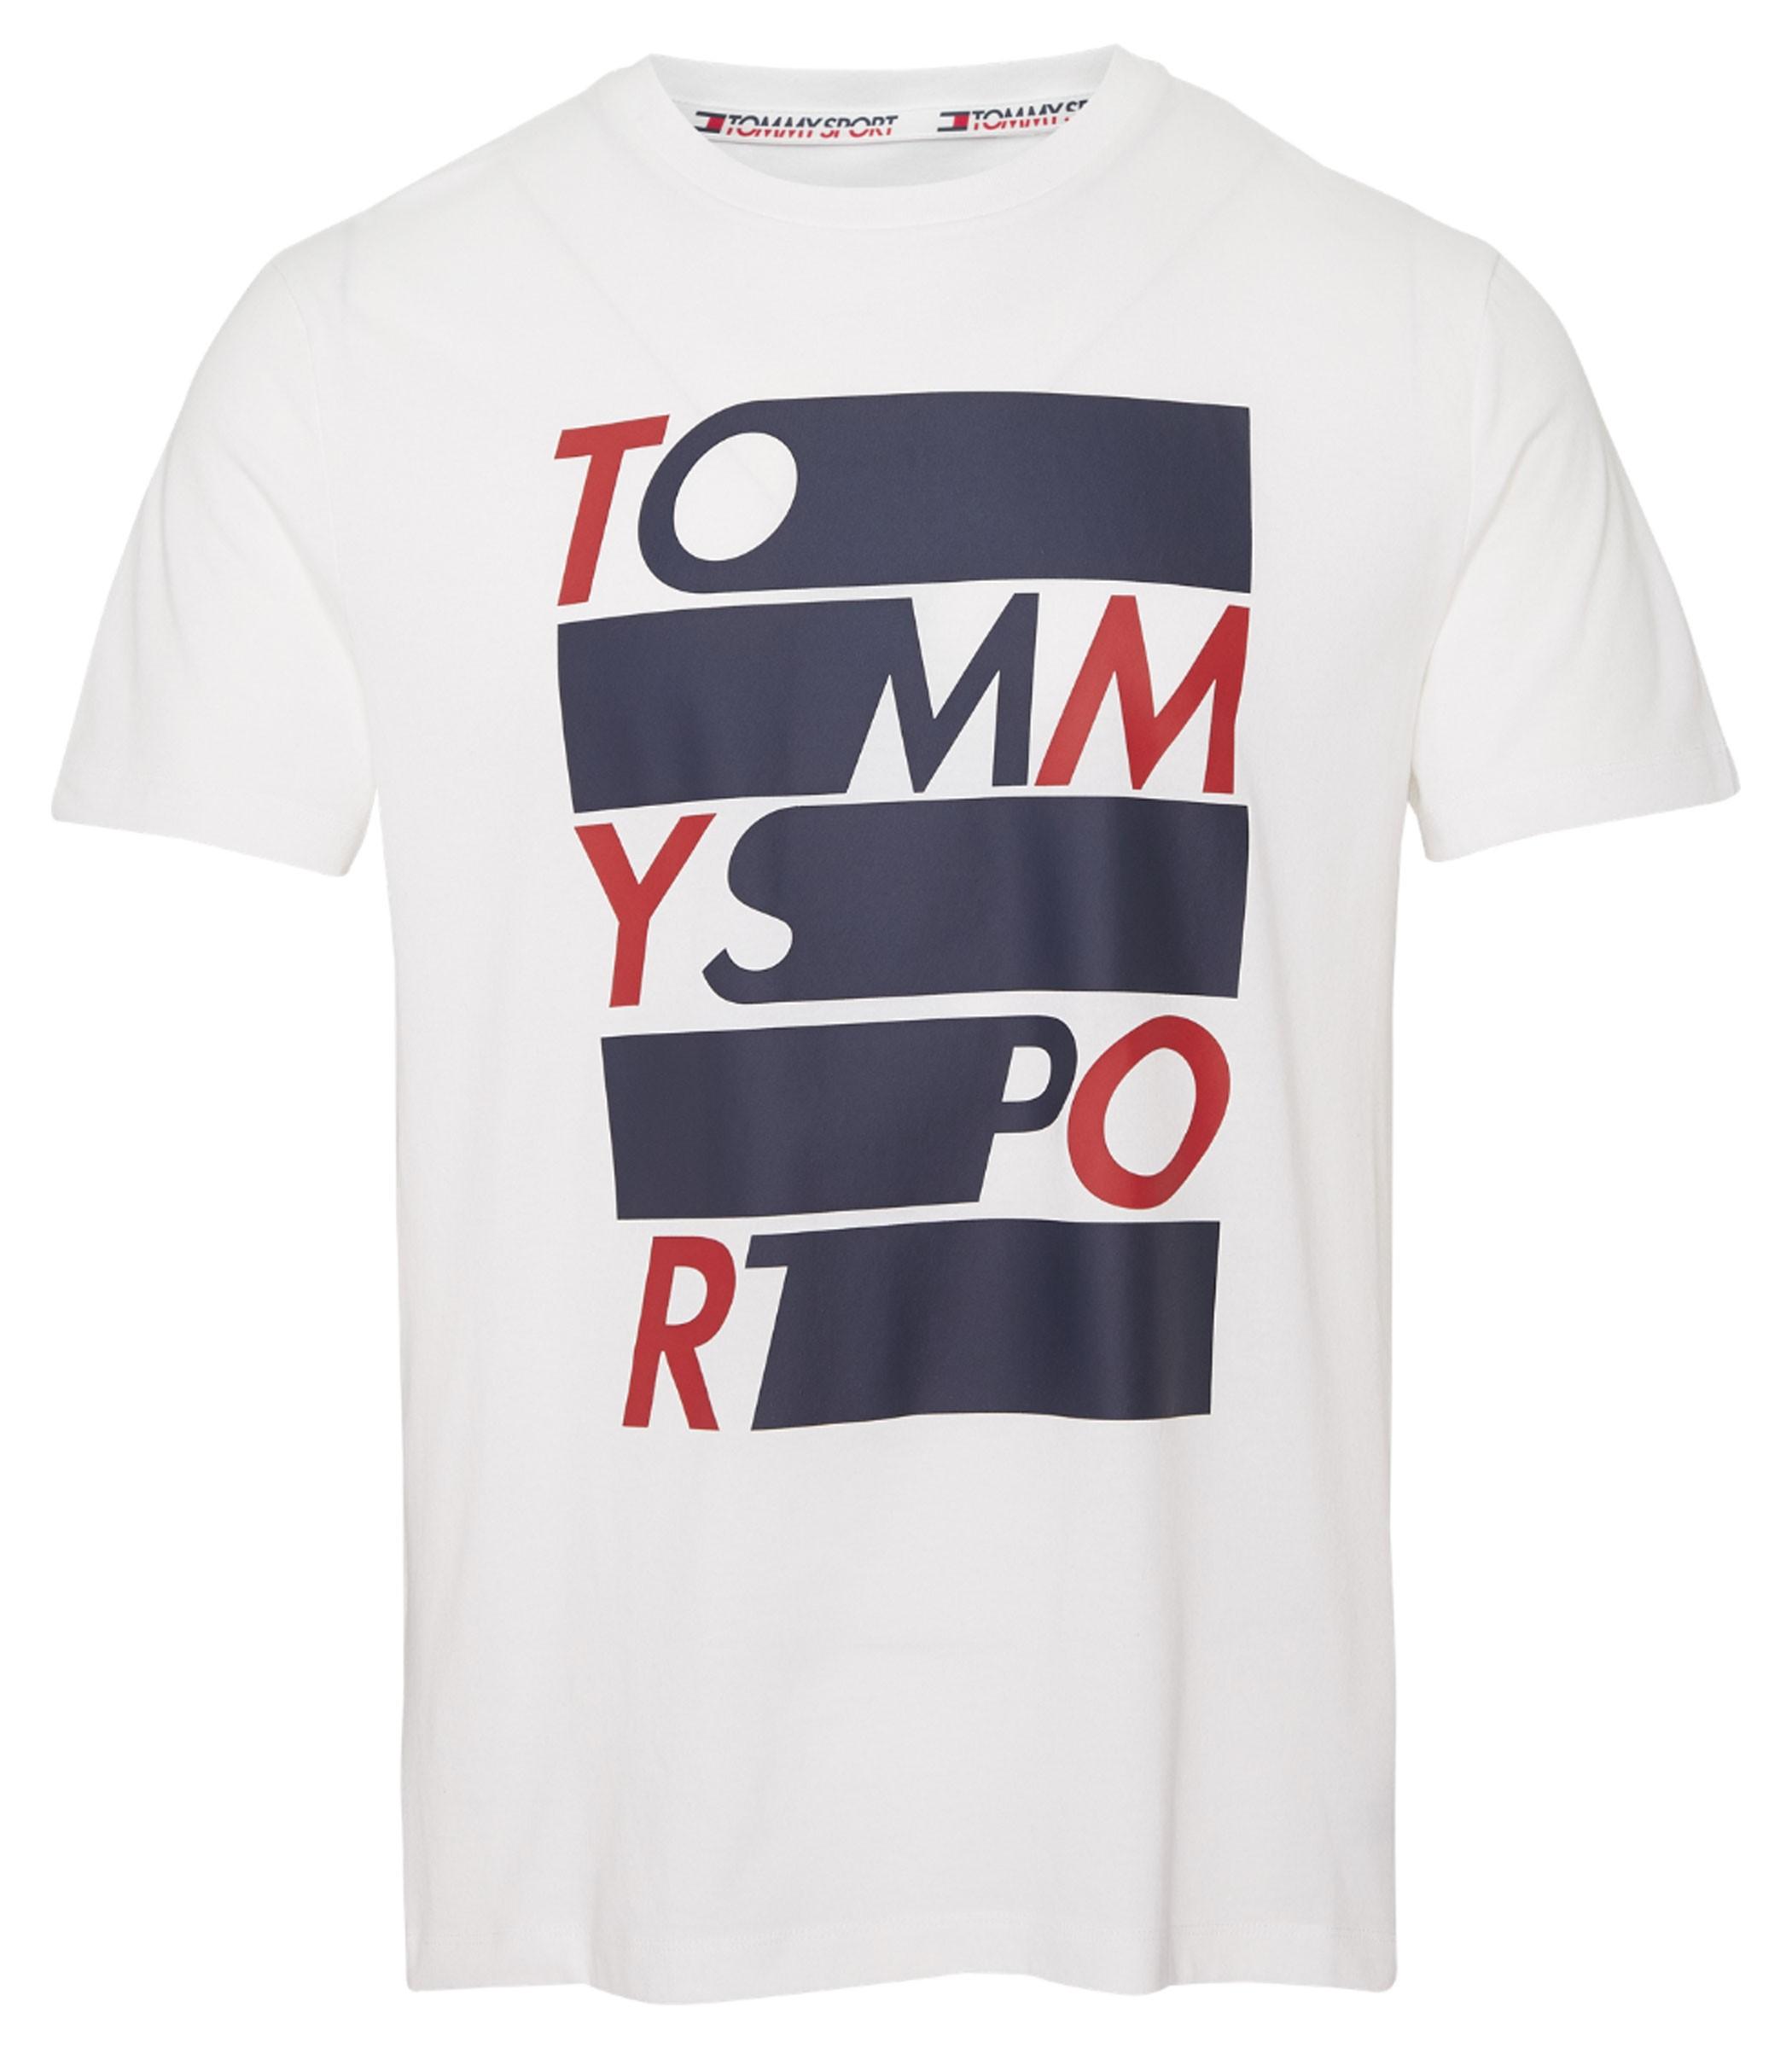 premium selection 6e03c 6aea0 T-shirt Tommy Hilfiger Sport con logo sul davanti uomo ...